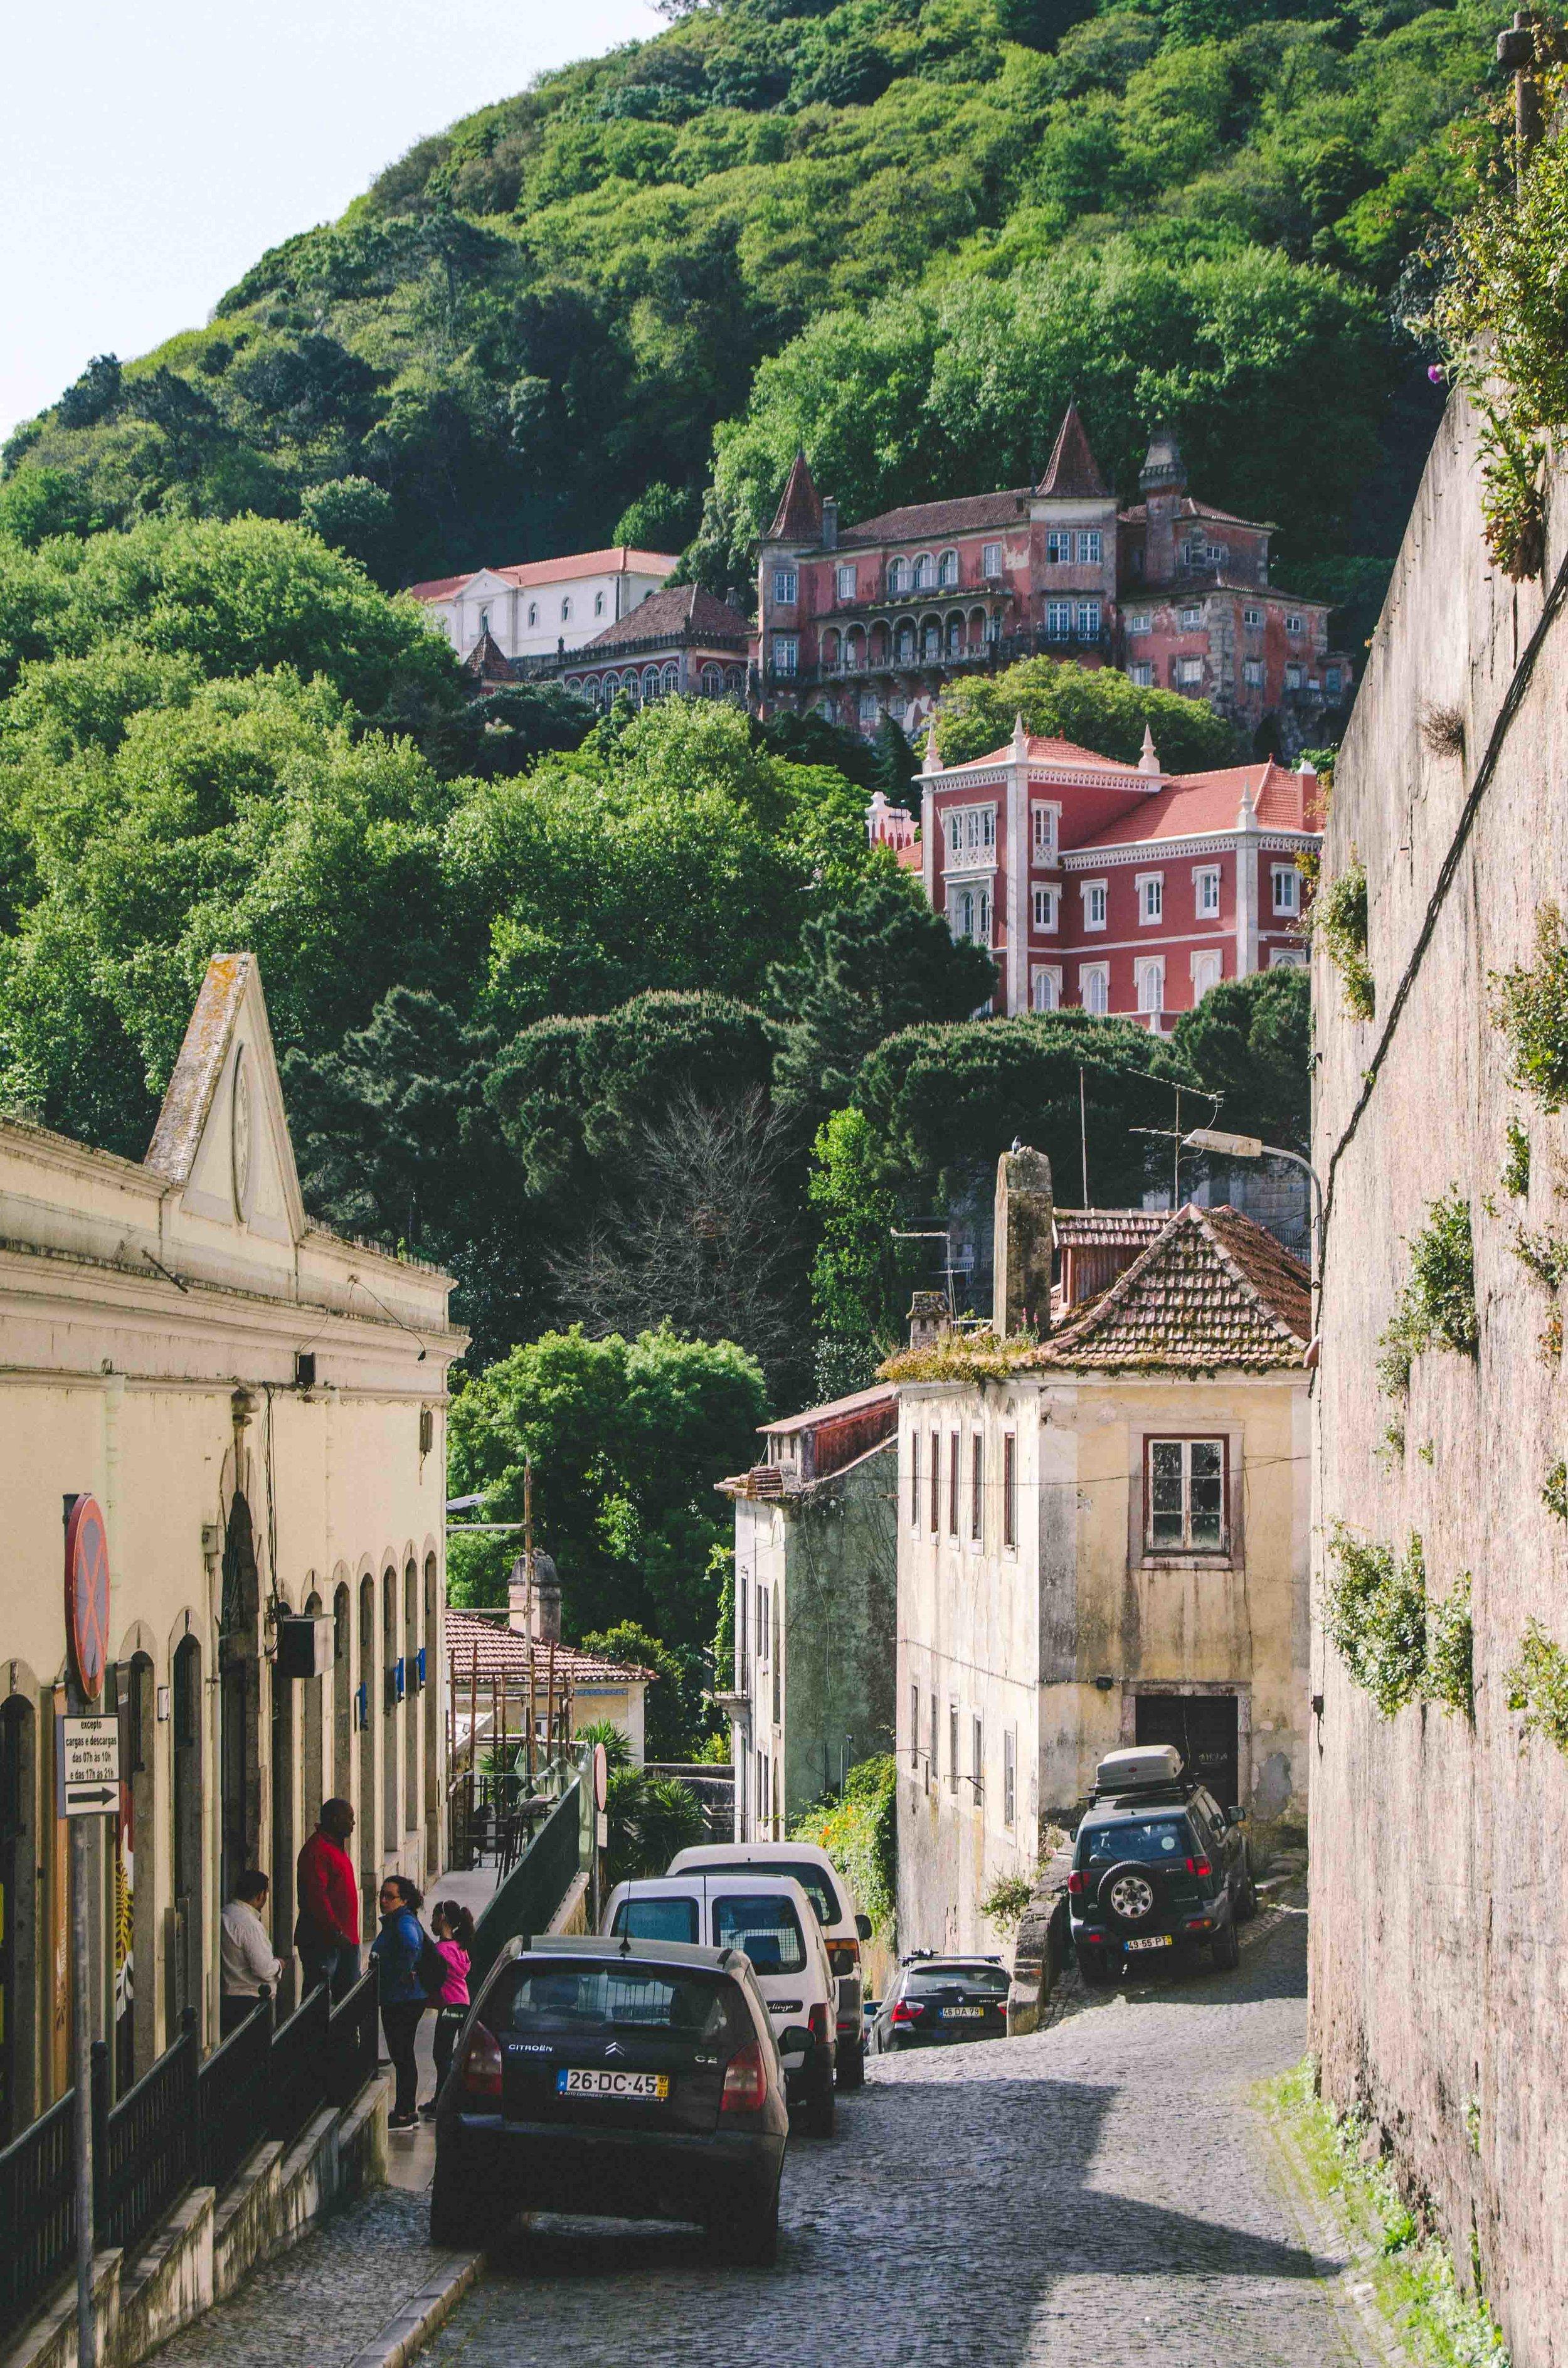 schoenmaker_portugalblog-9.jpg